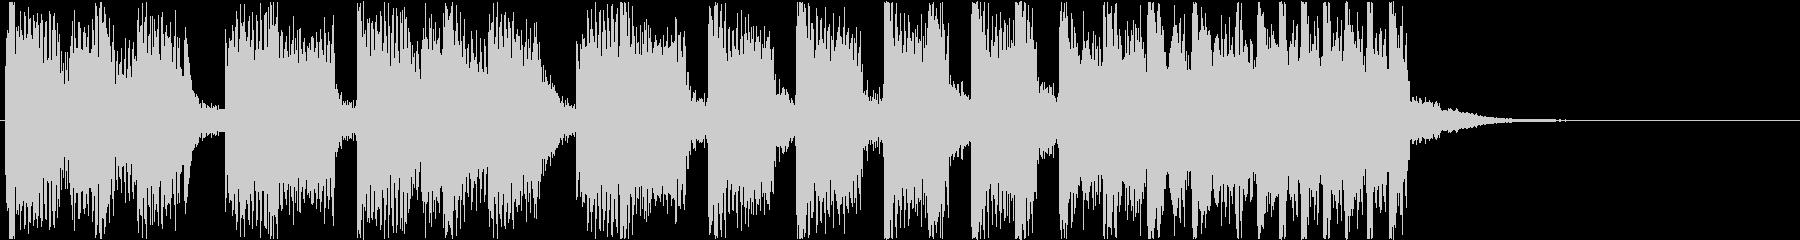 10秒・EDM・オープニング・ジングルの未再生の波形